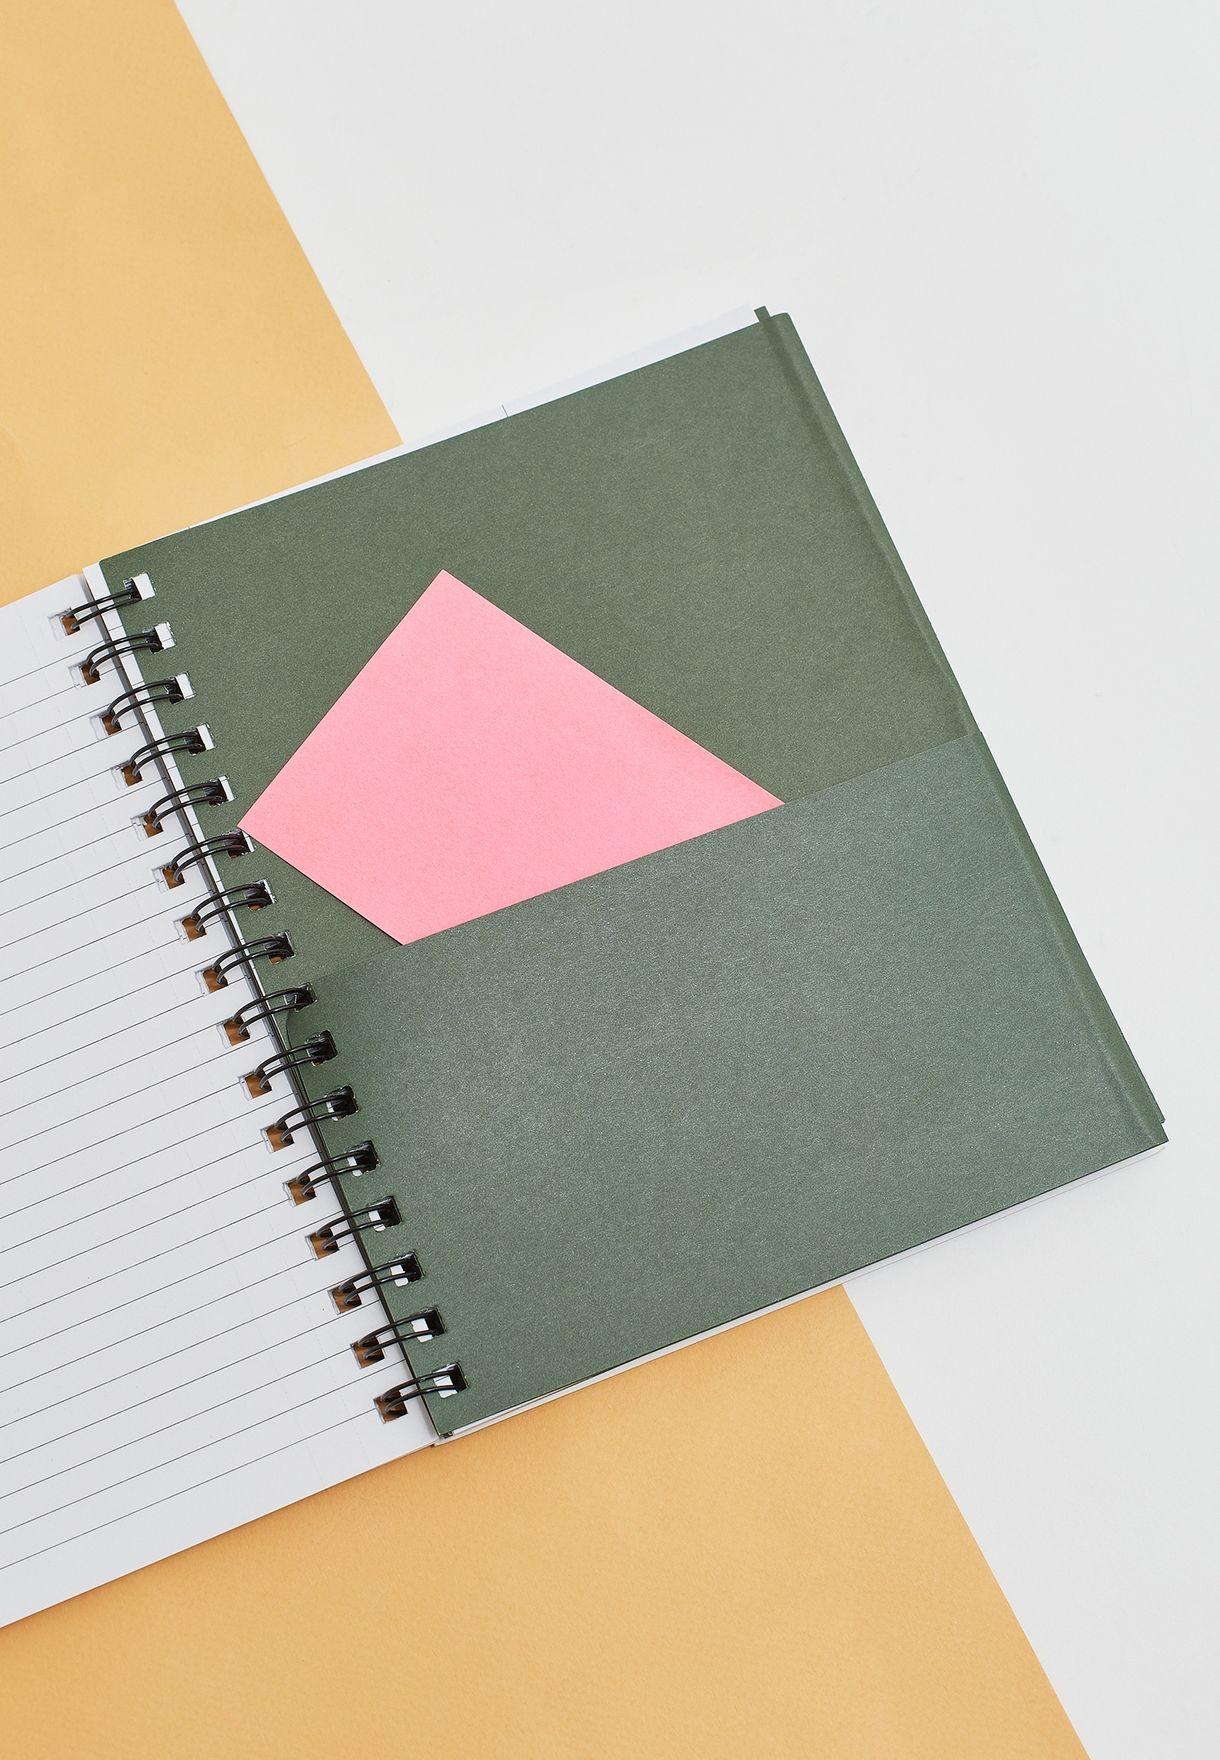 دفتر ملاحظات بطبعات